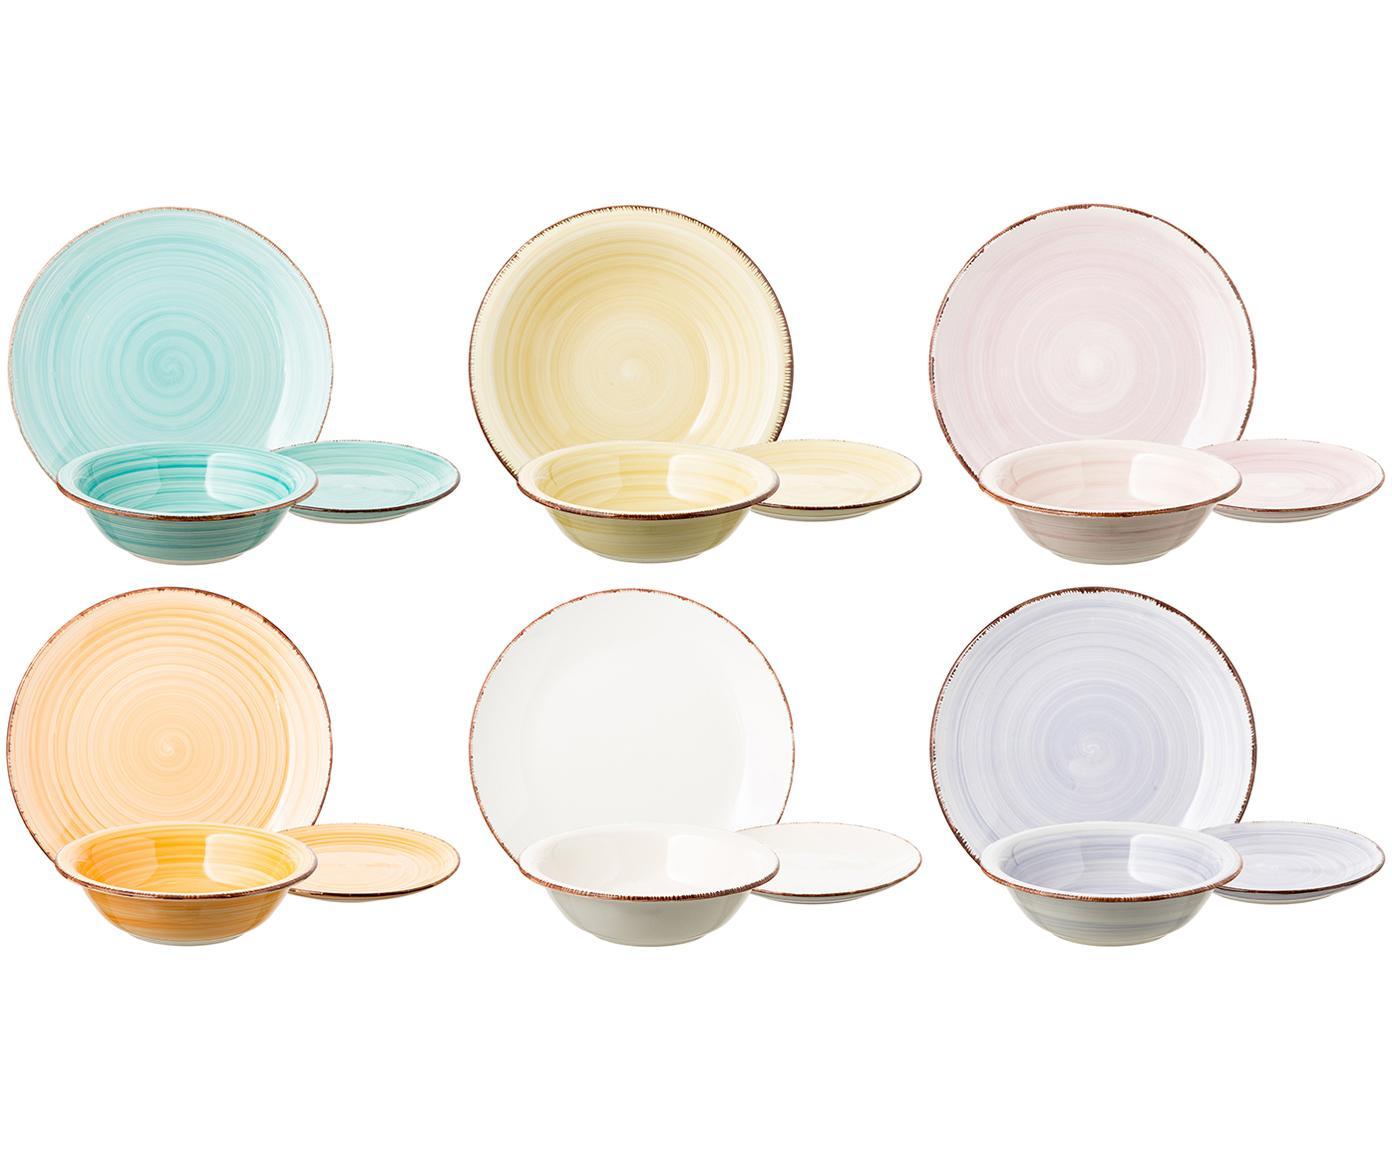 Vajilla Baita, 6comensales (18pzas.), Gres, pintadaamano, Tonos de amarillo y rosa, azul claro, blanco, Tamaños diferentes